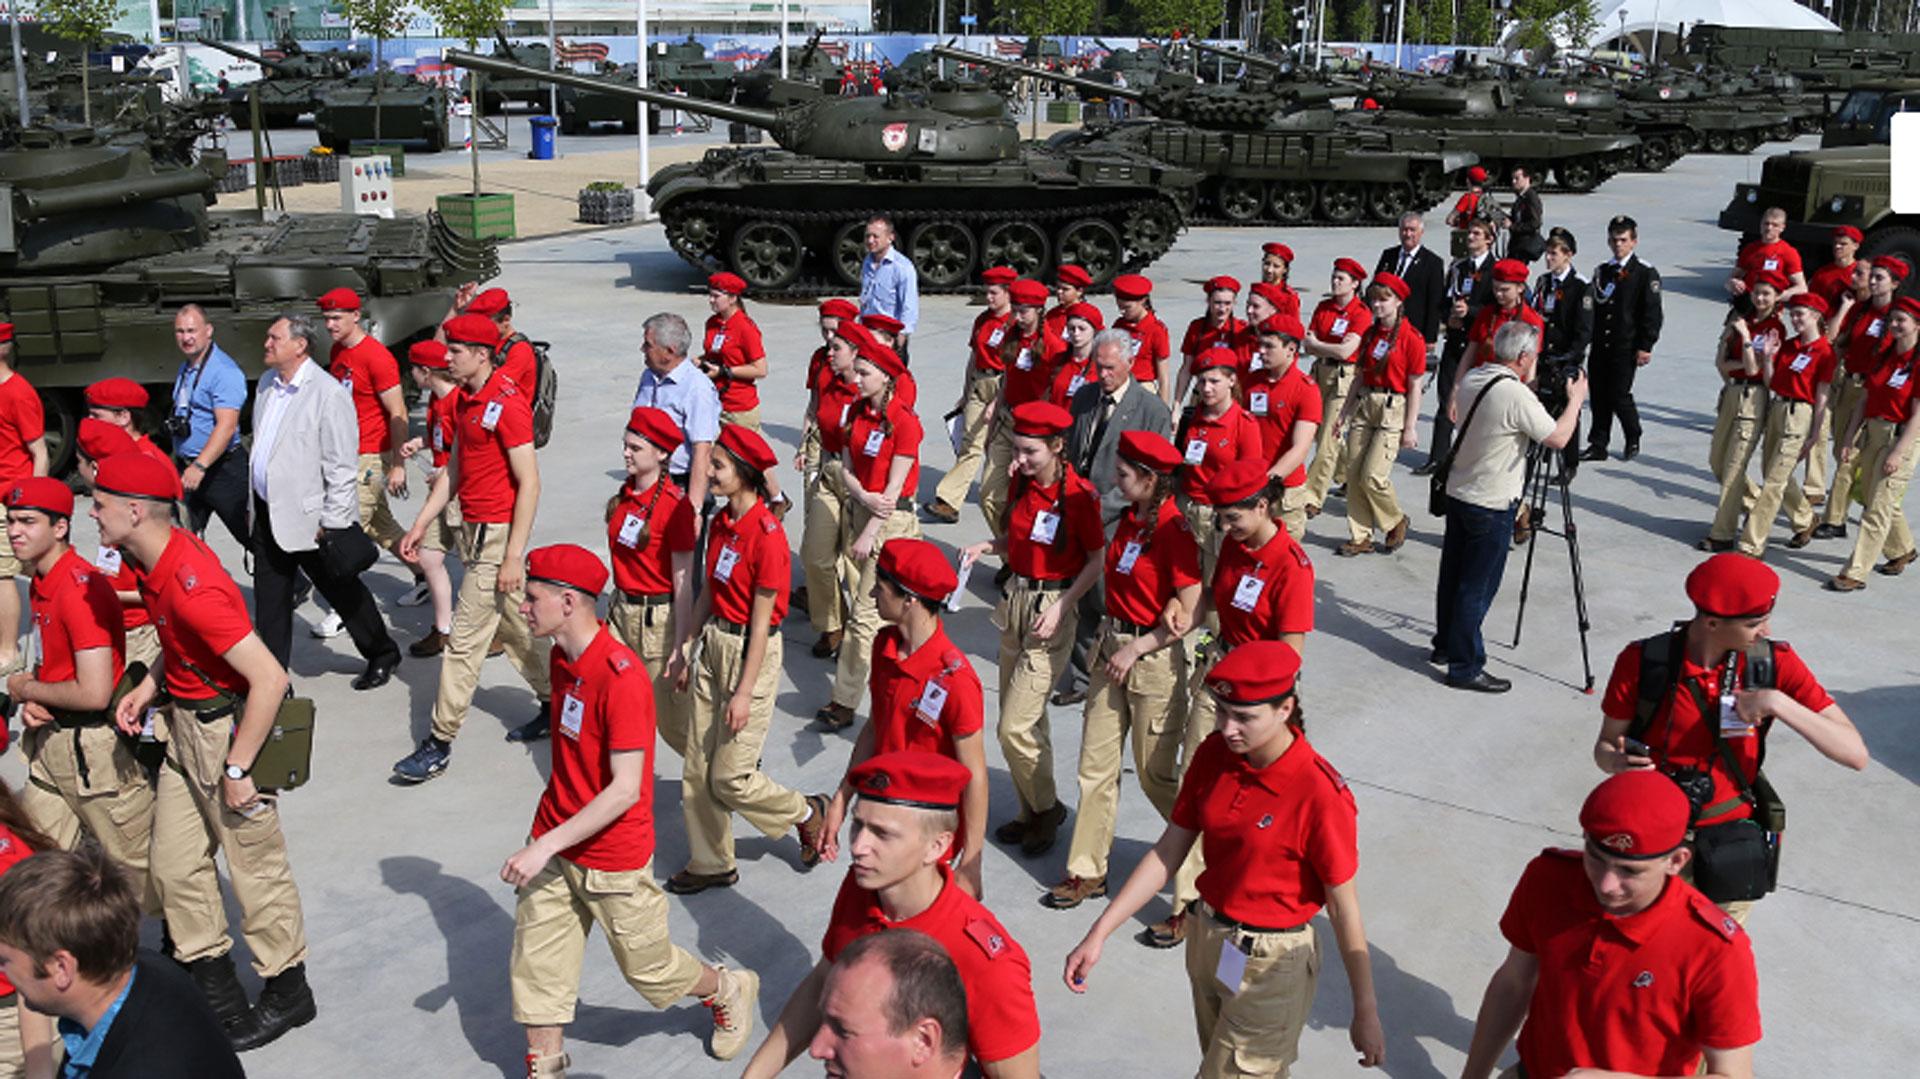 Este grupo fue creado por iniciativa directa del Ministerio de Defensa, apoyada por el presidente de la Federación Rusa